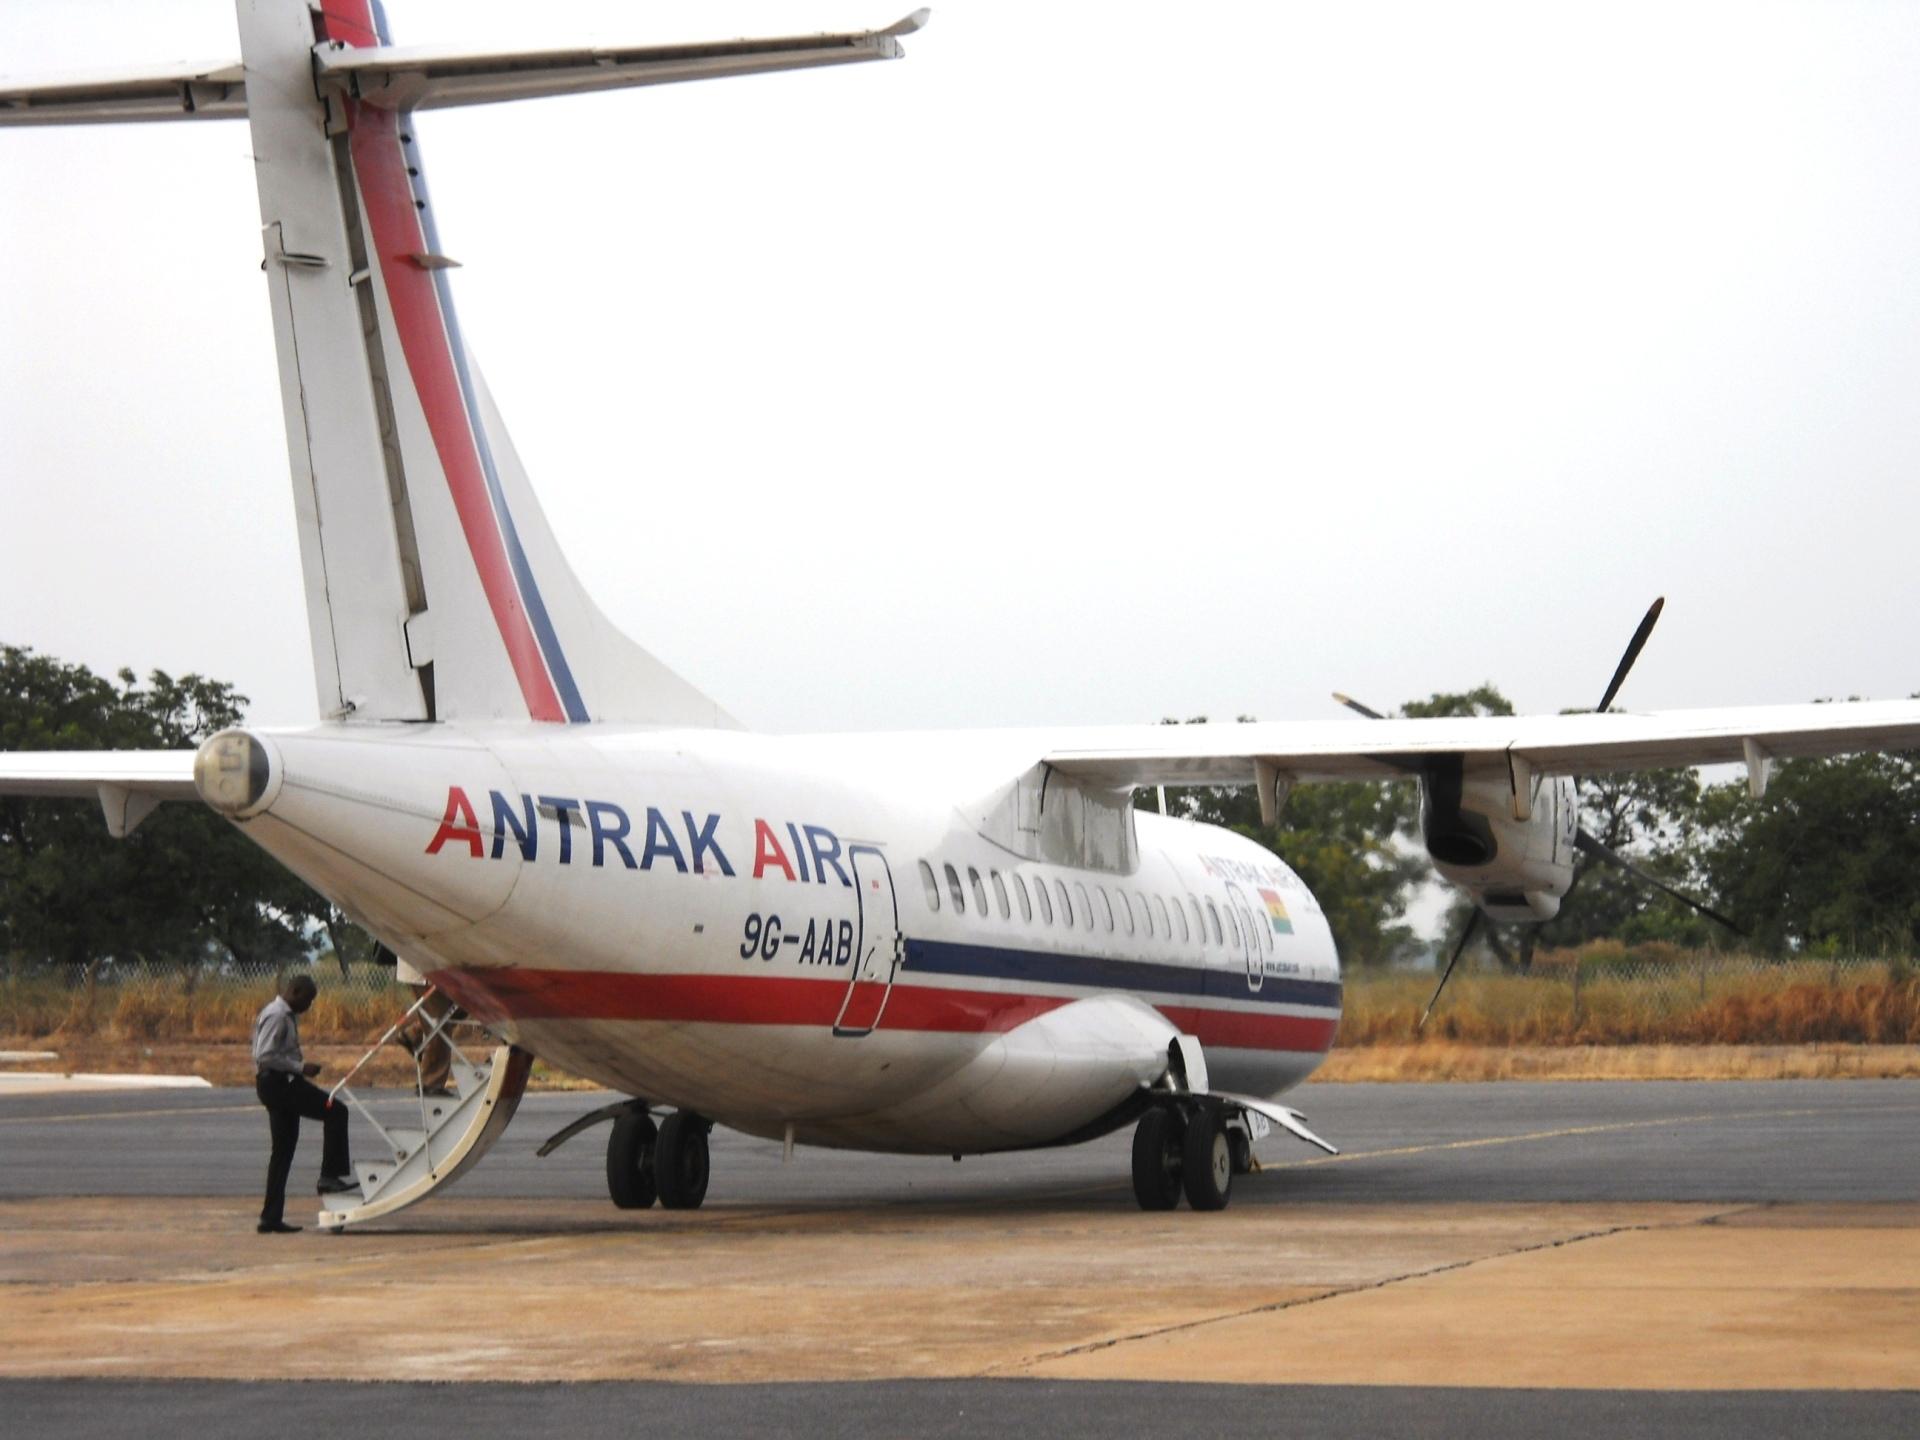 By propeller plane, Ghana